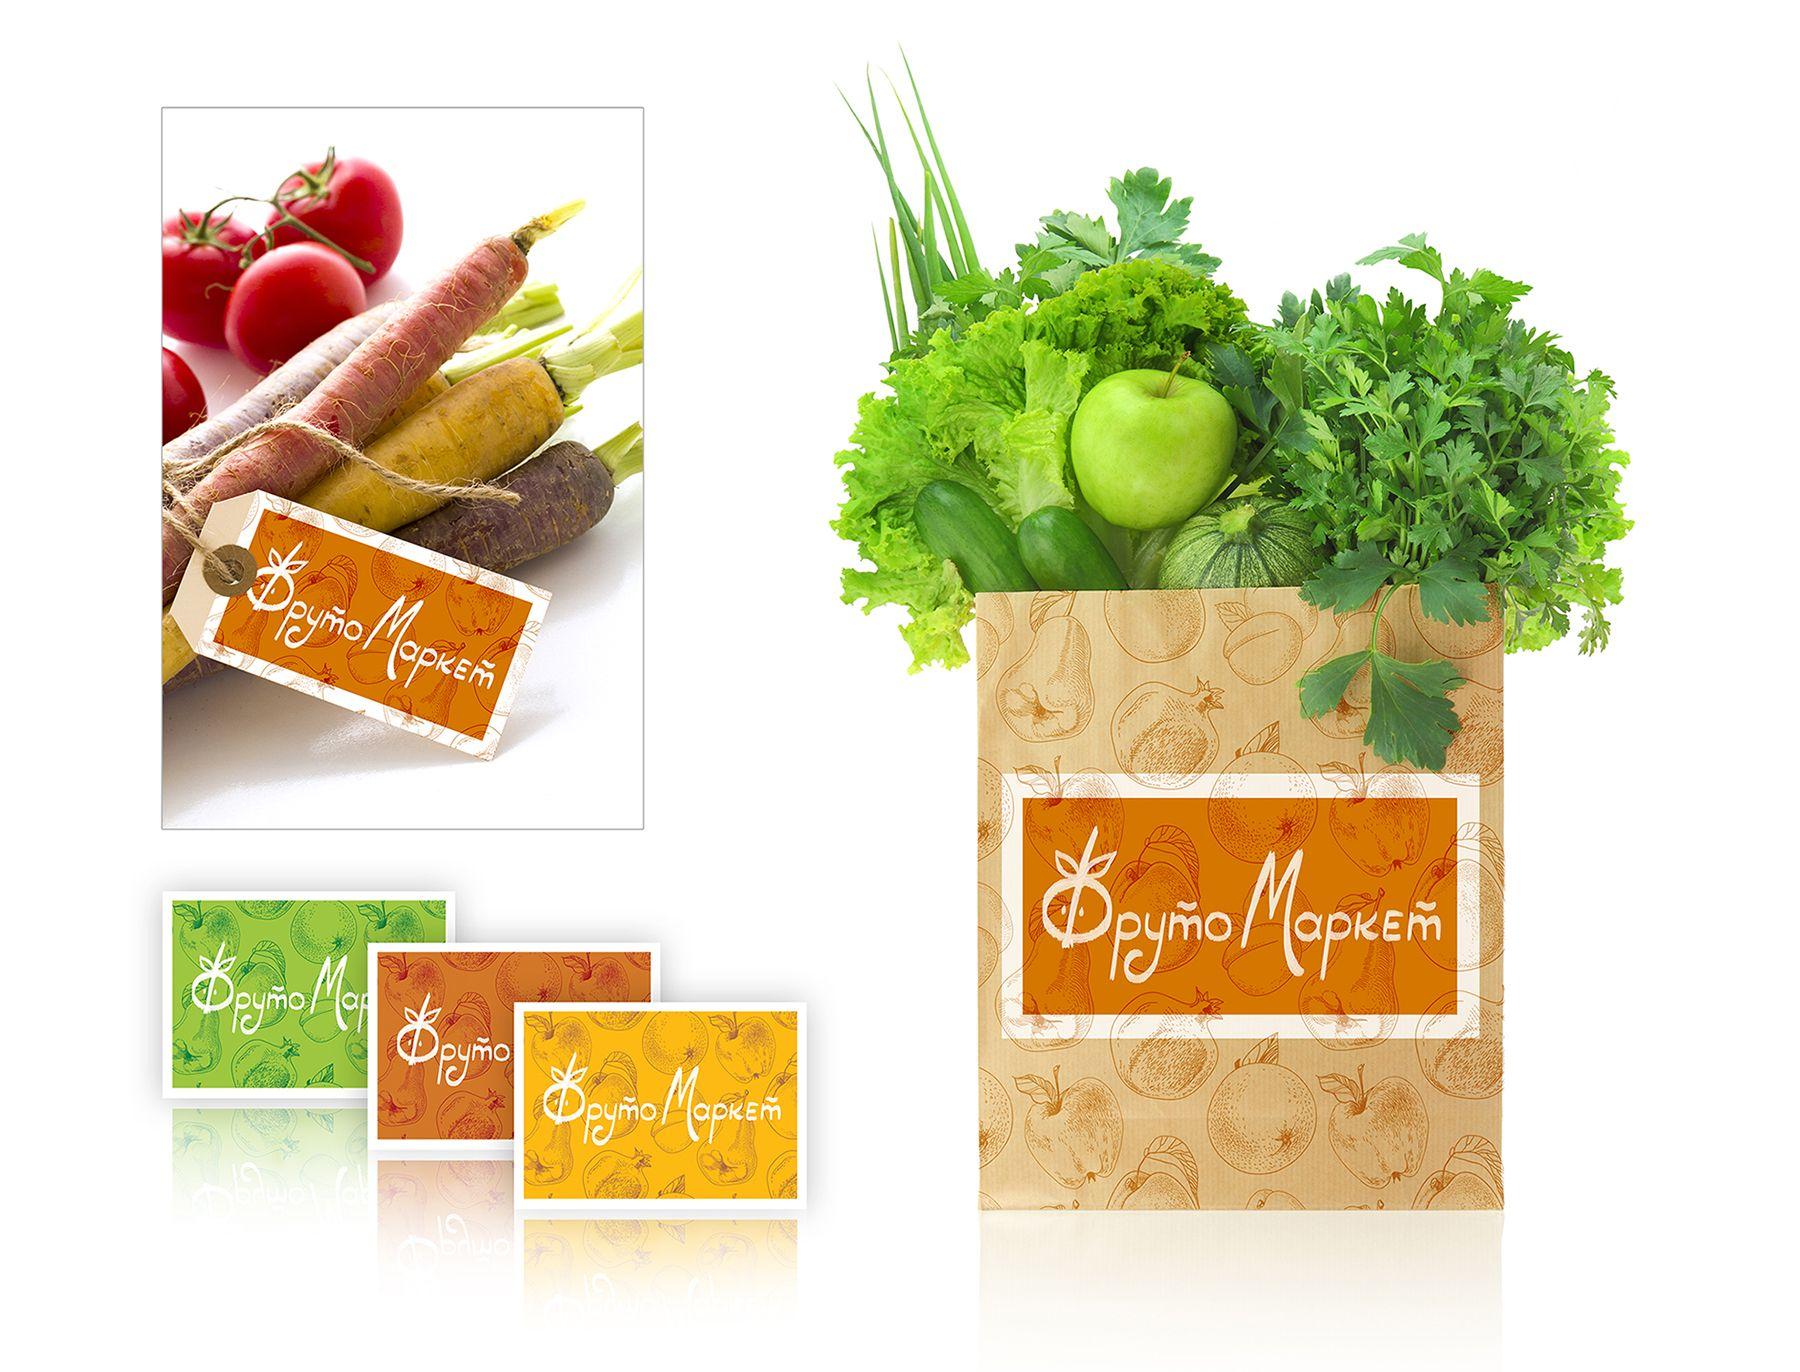 Логотип-вывеска фруктово-овощных магазинов премиум - дизайнер KayaHaile